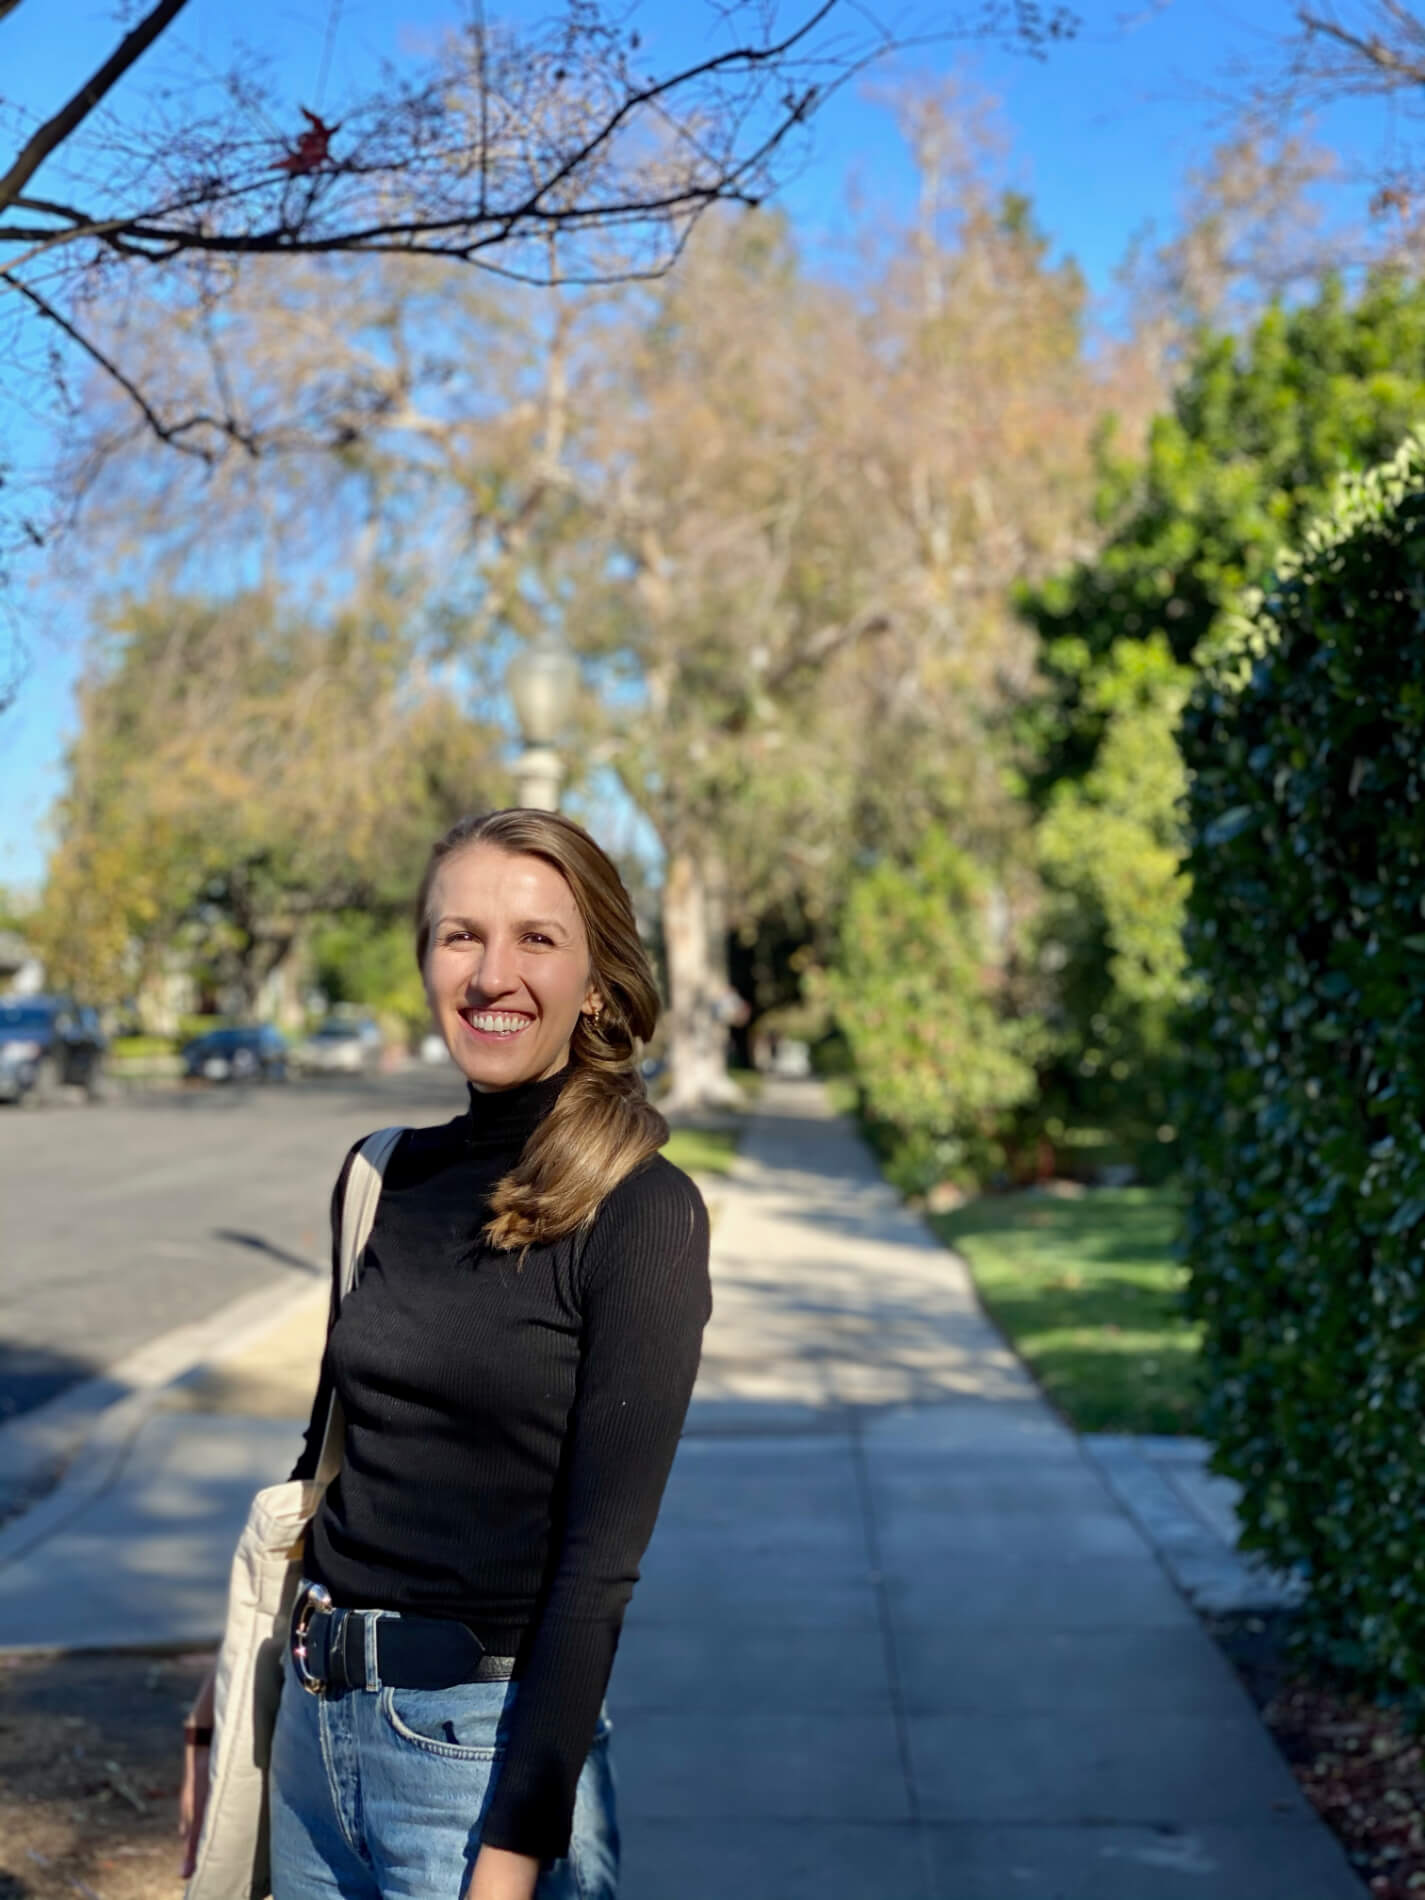 Marika Price posing on a sidewalk on a sunny day walk